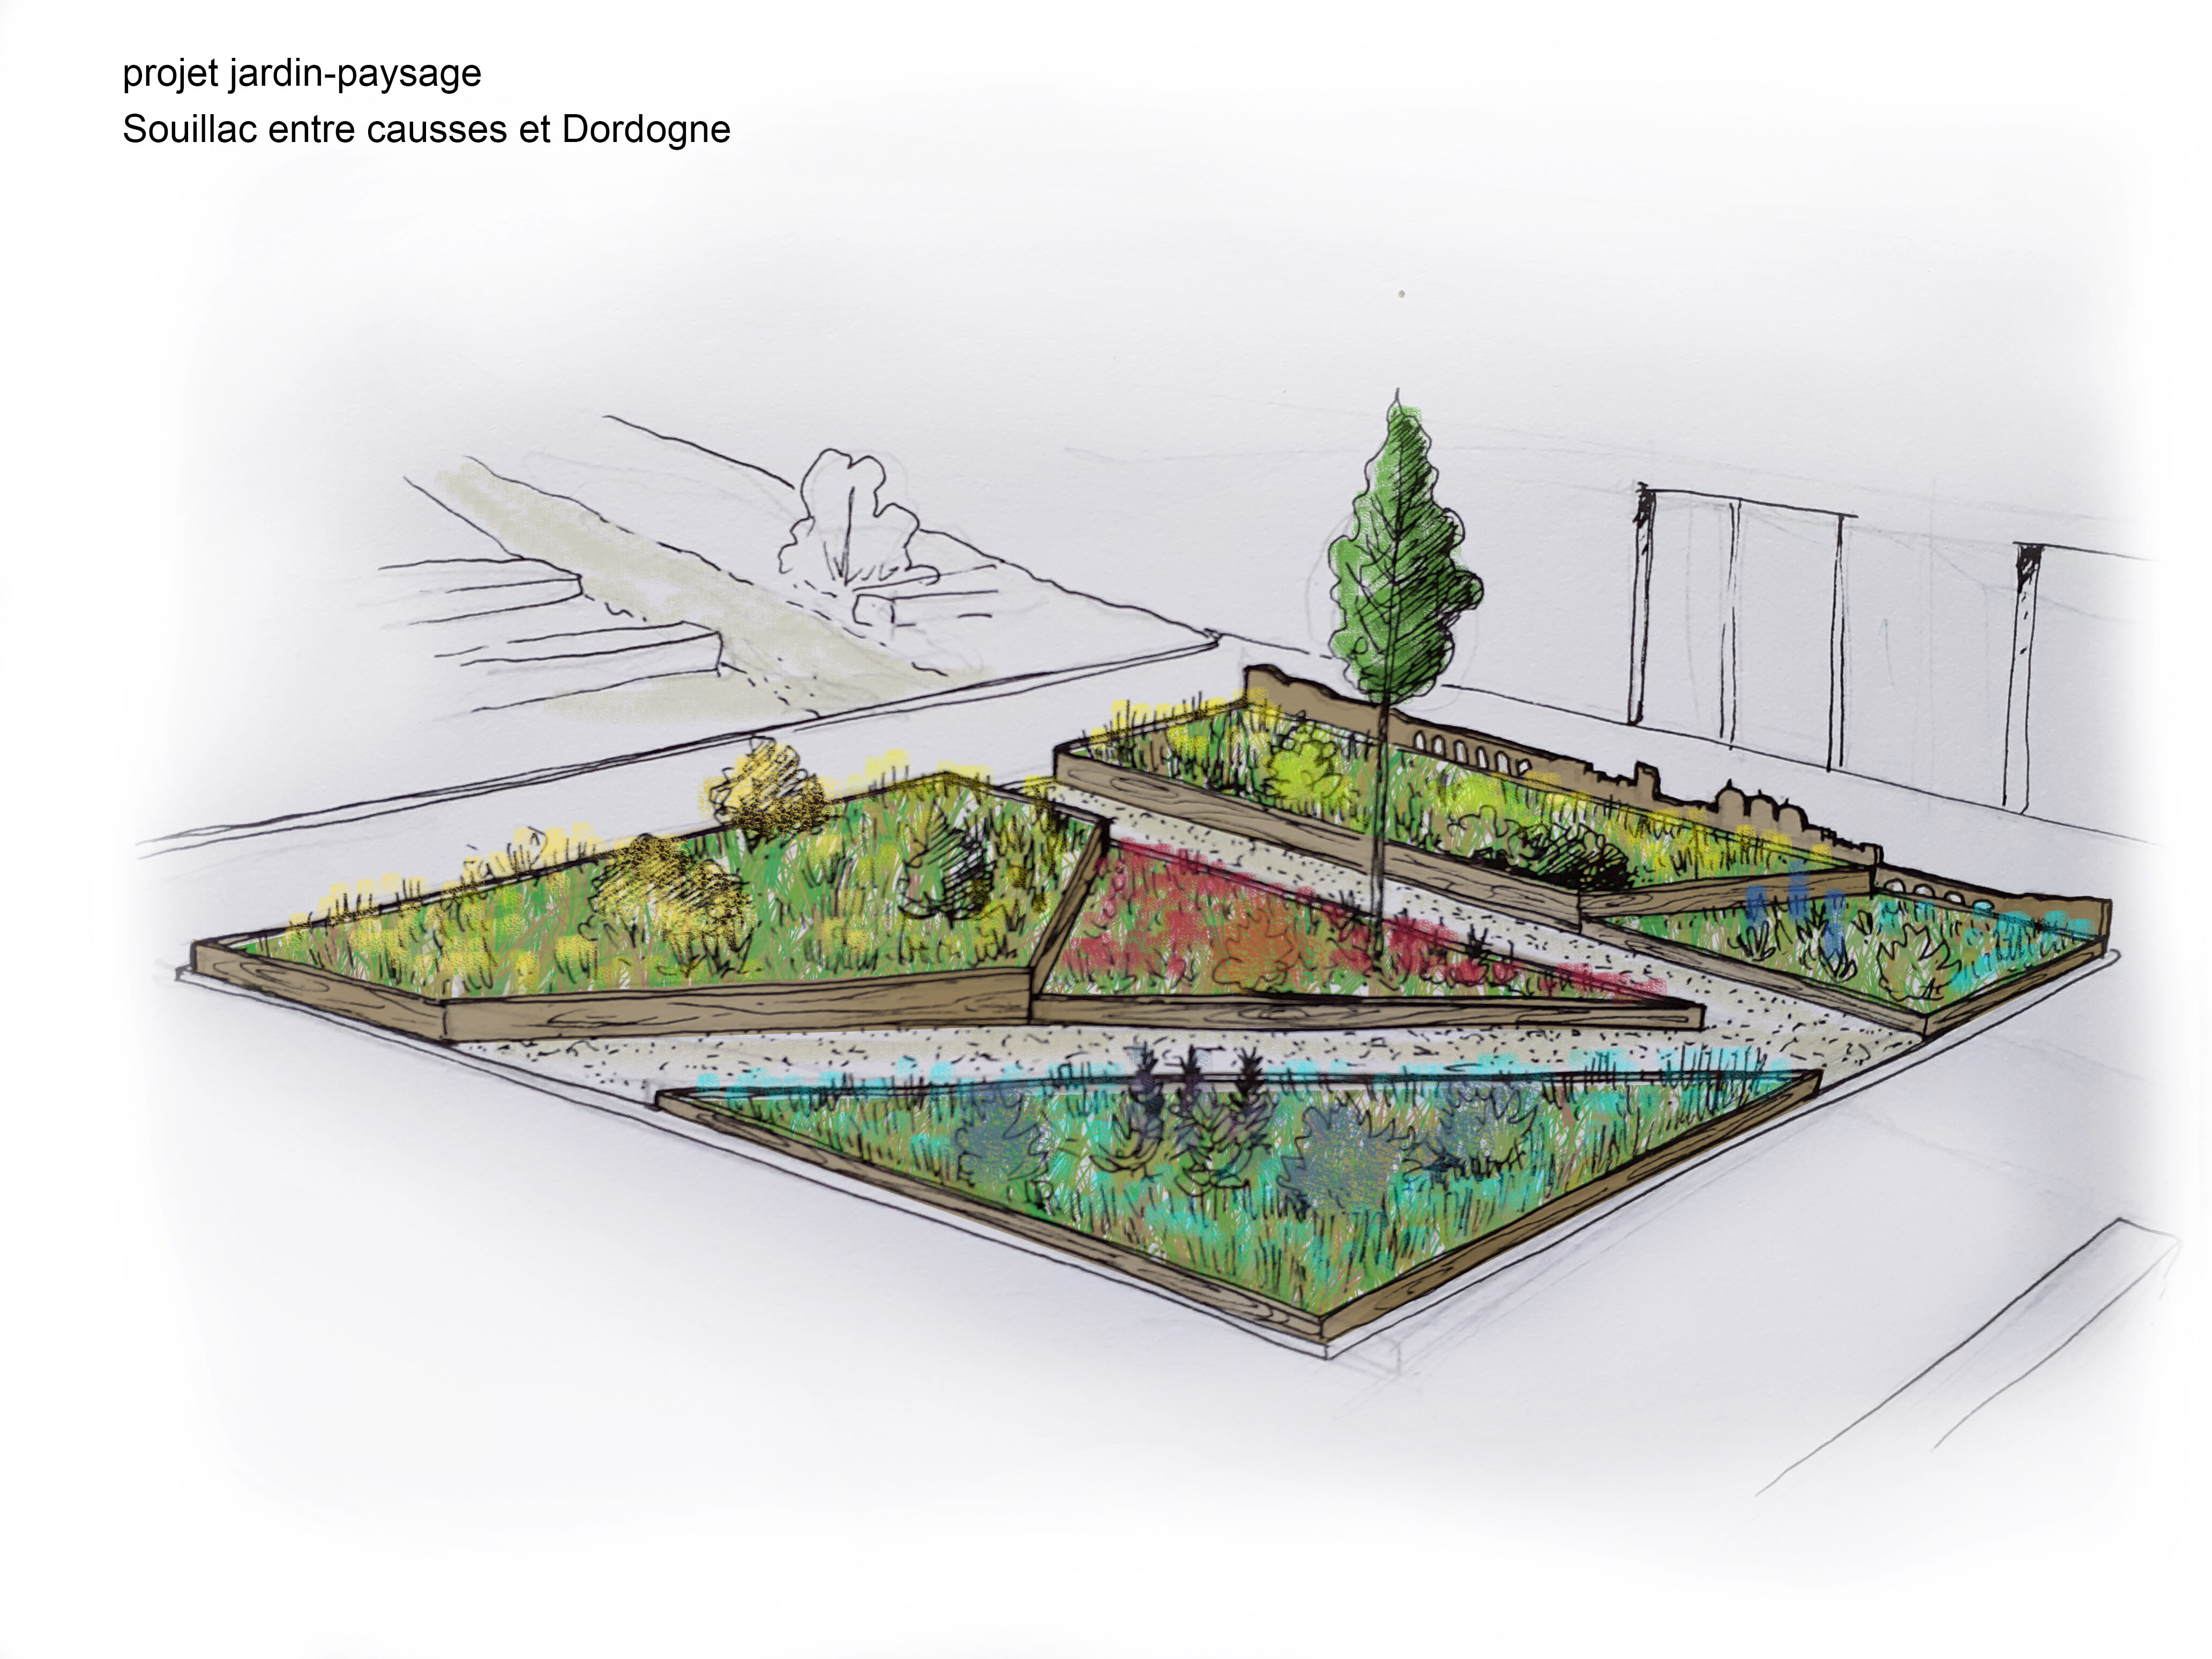 projet de la partie du jardin évoquant Souillac